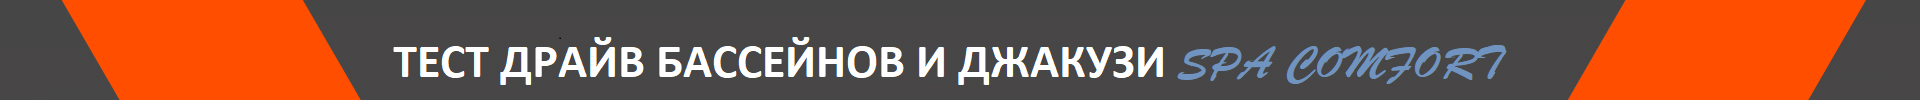 СКЛАД - наличие спа, бассейнов, джакузи в Украине - фото pic_2635086d88d5acff5d00dbef5cffb7a1_1920x9000_1.png